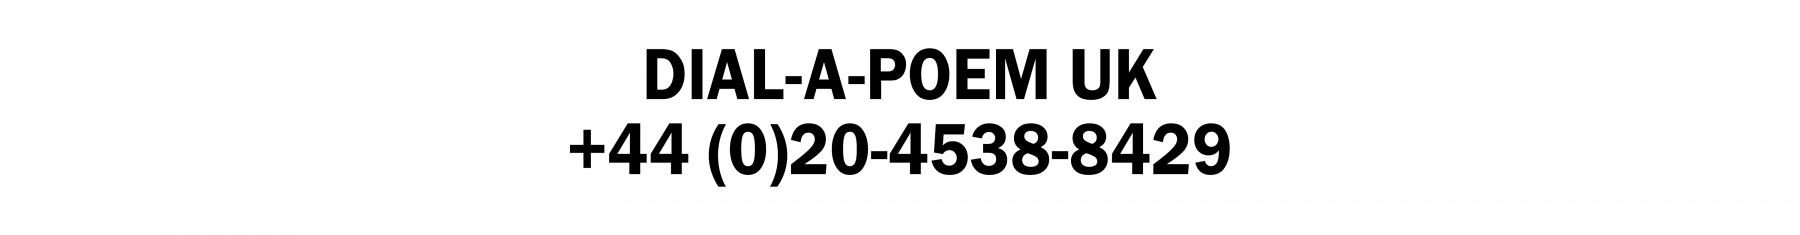 Dial-a-Poem UK +44 (0)20-4538-8429